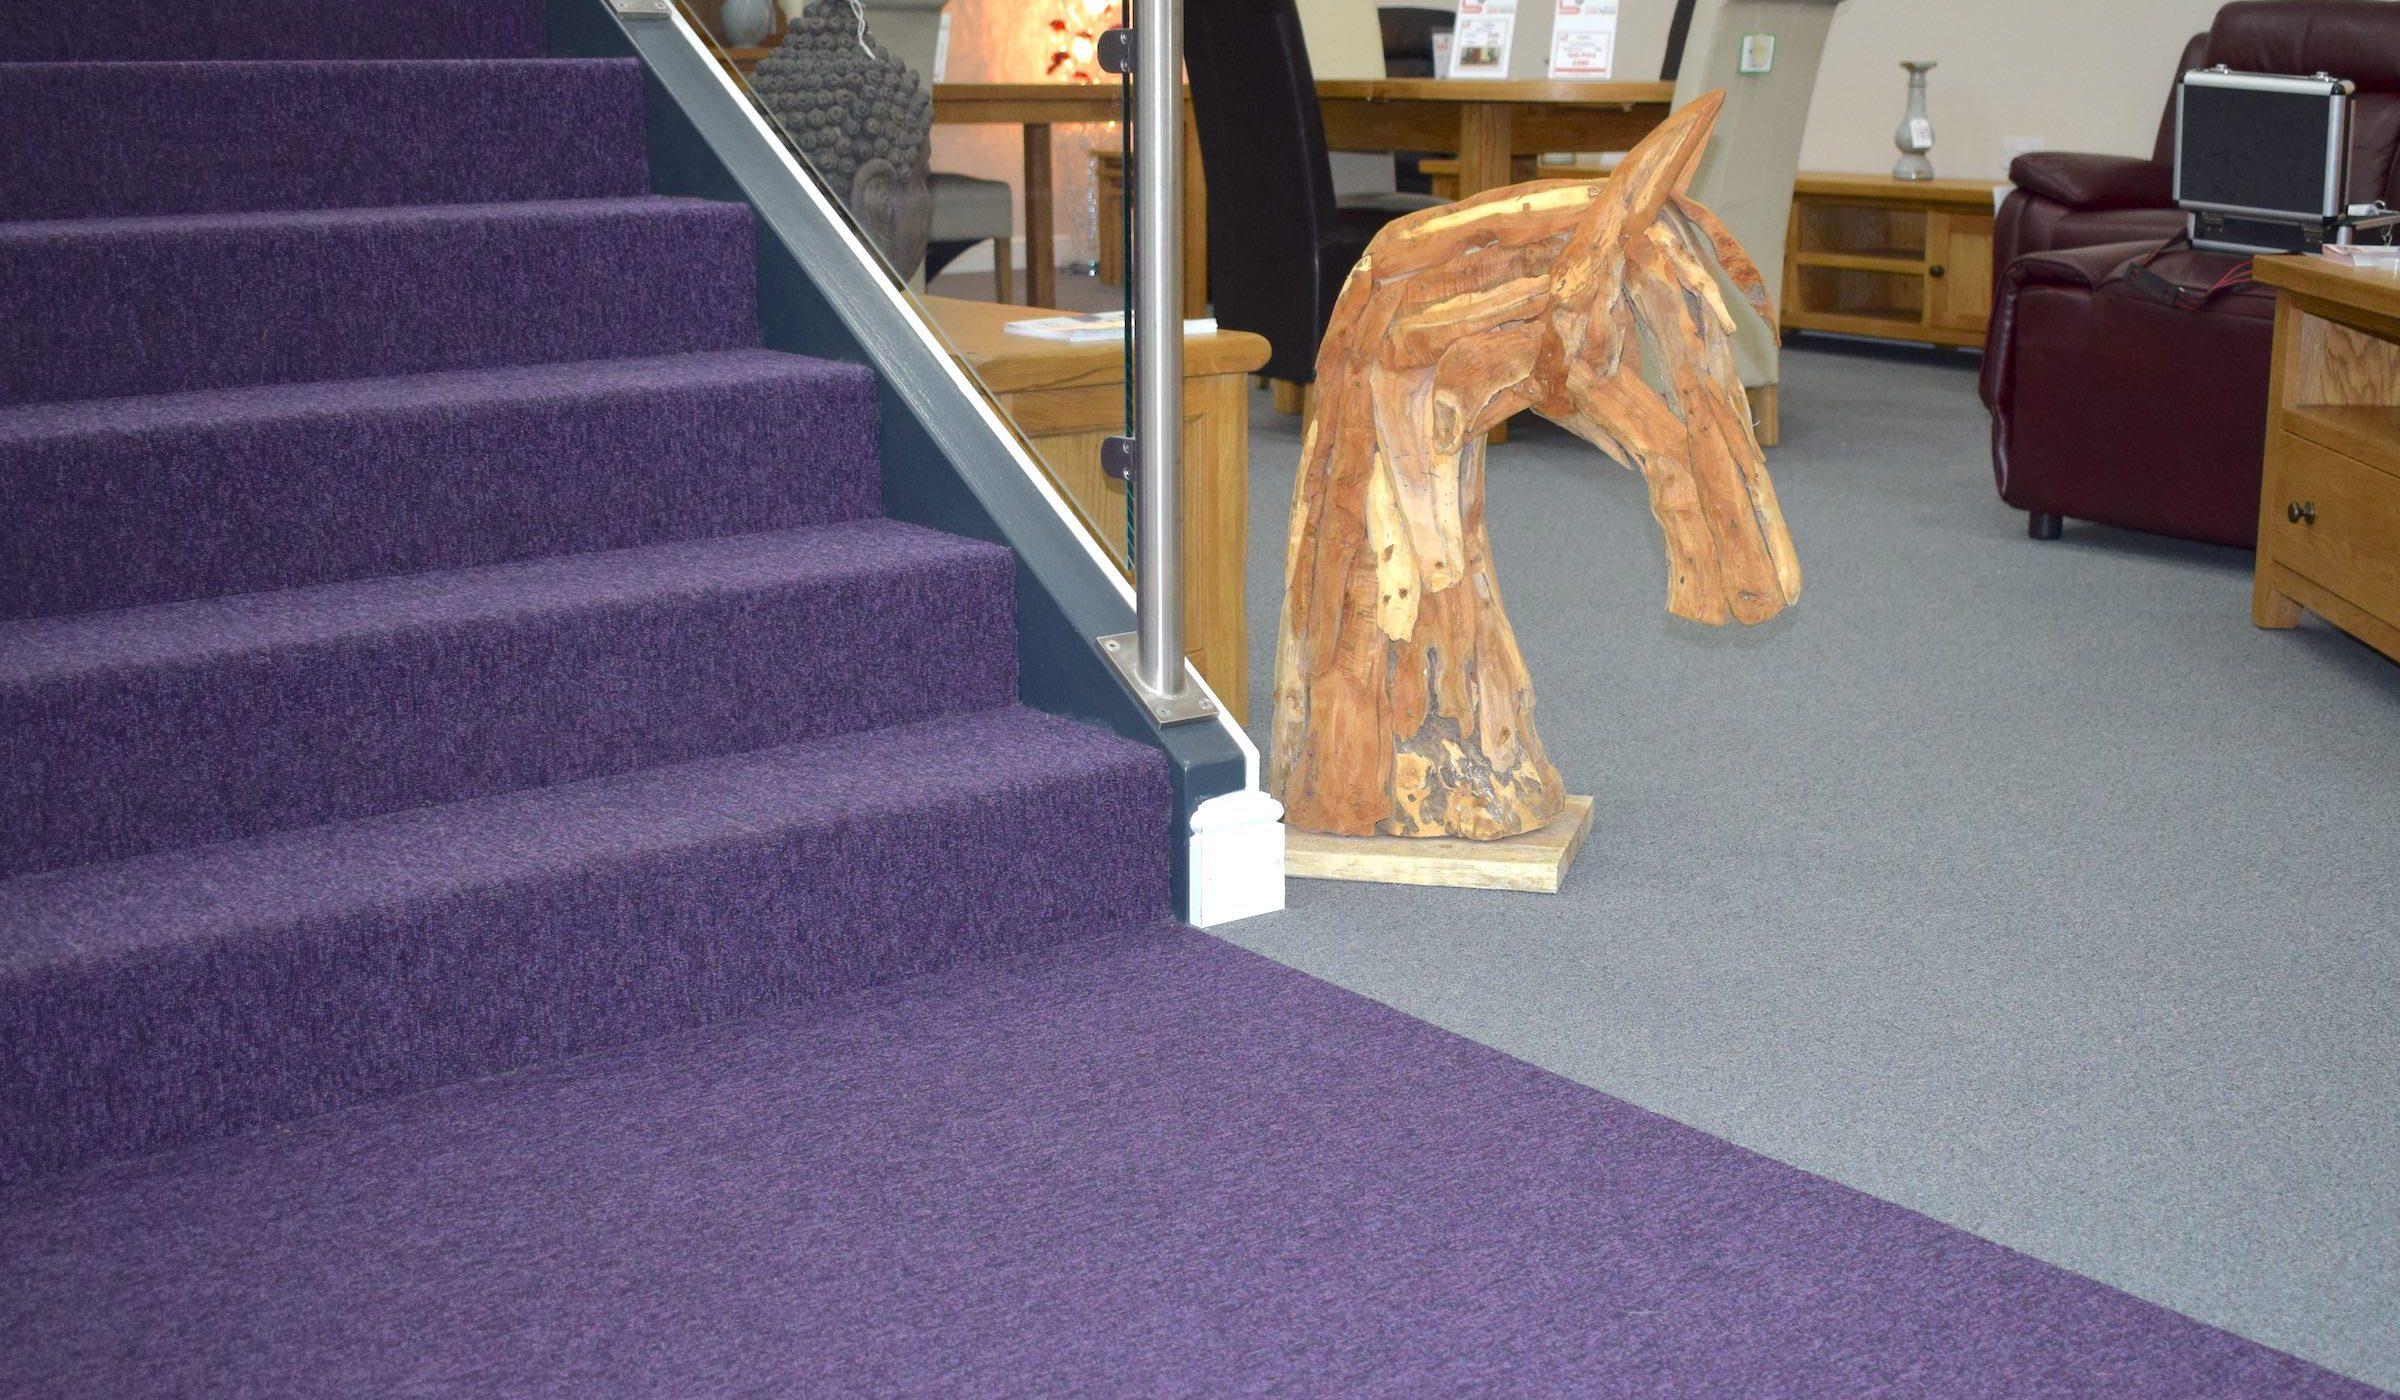 Diversity | Paragon Carpet Tiles | Commercial Carpet Tiles | Design Carpet Tiles 6